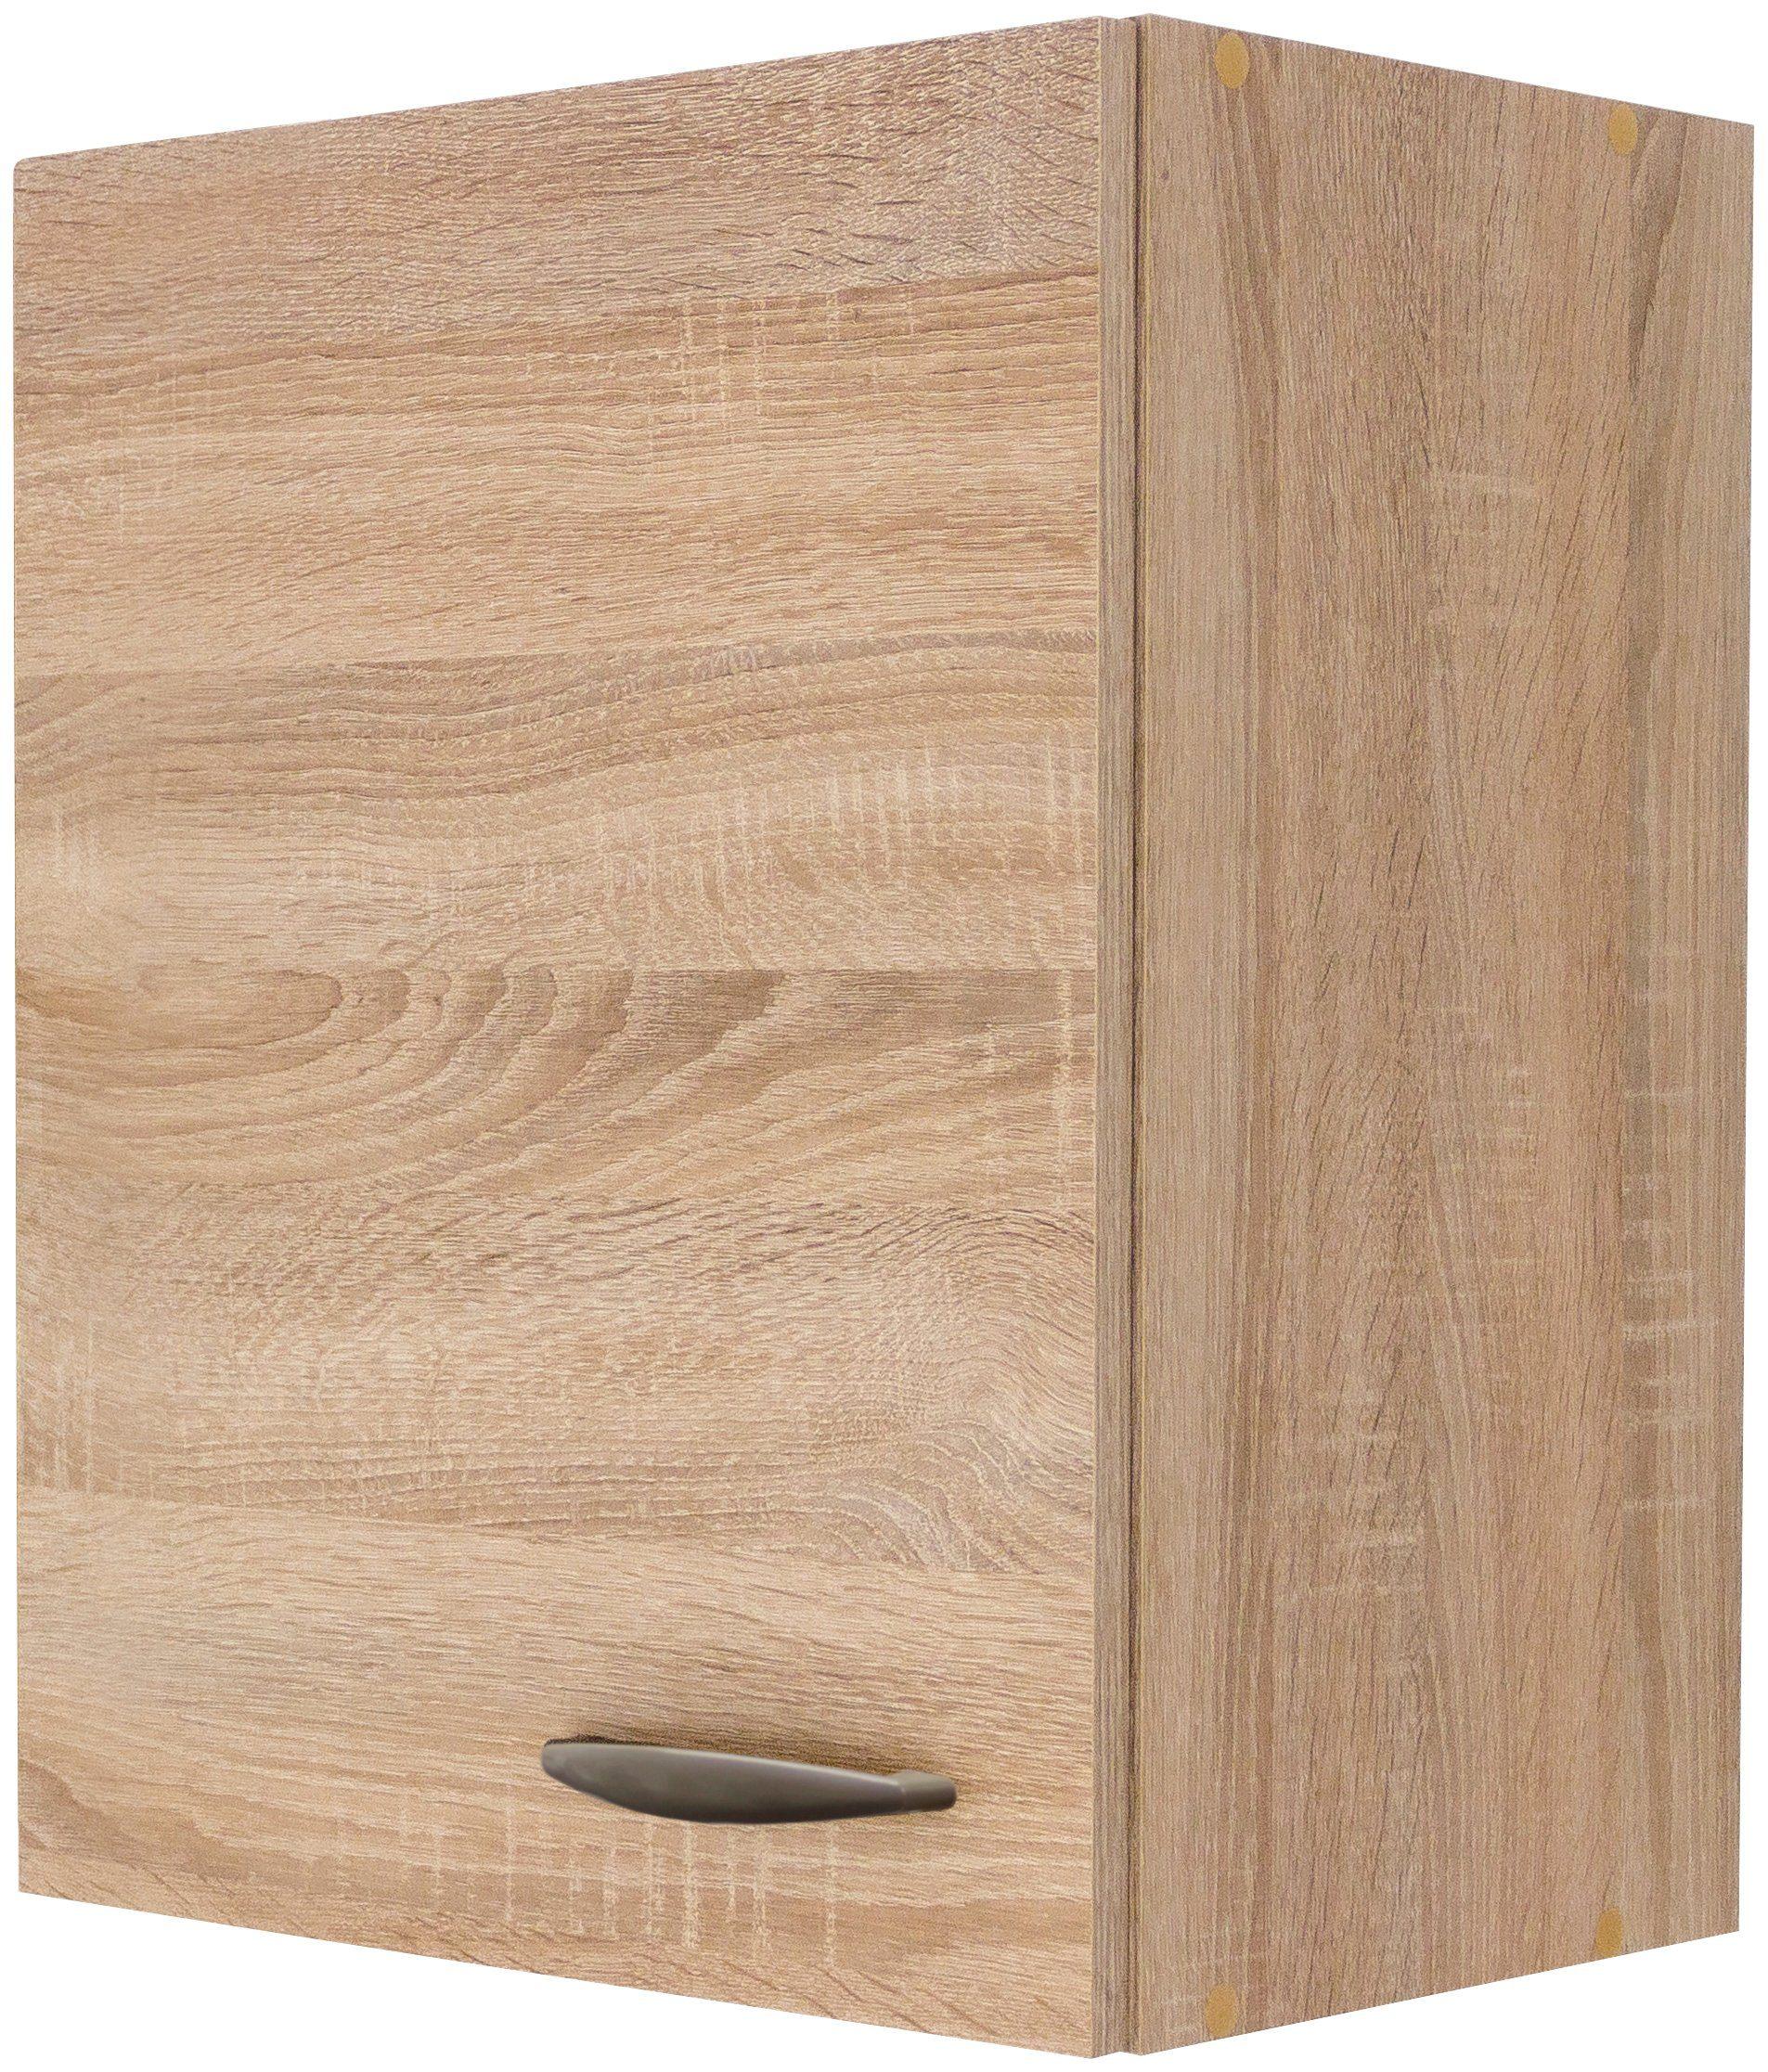 Küchenhängeschrank »Bergen«, Breite 40 cm